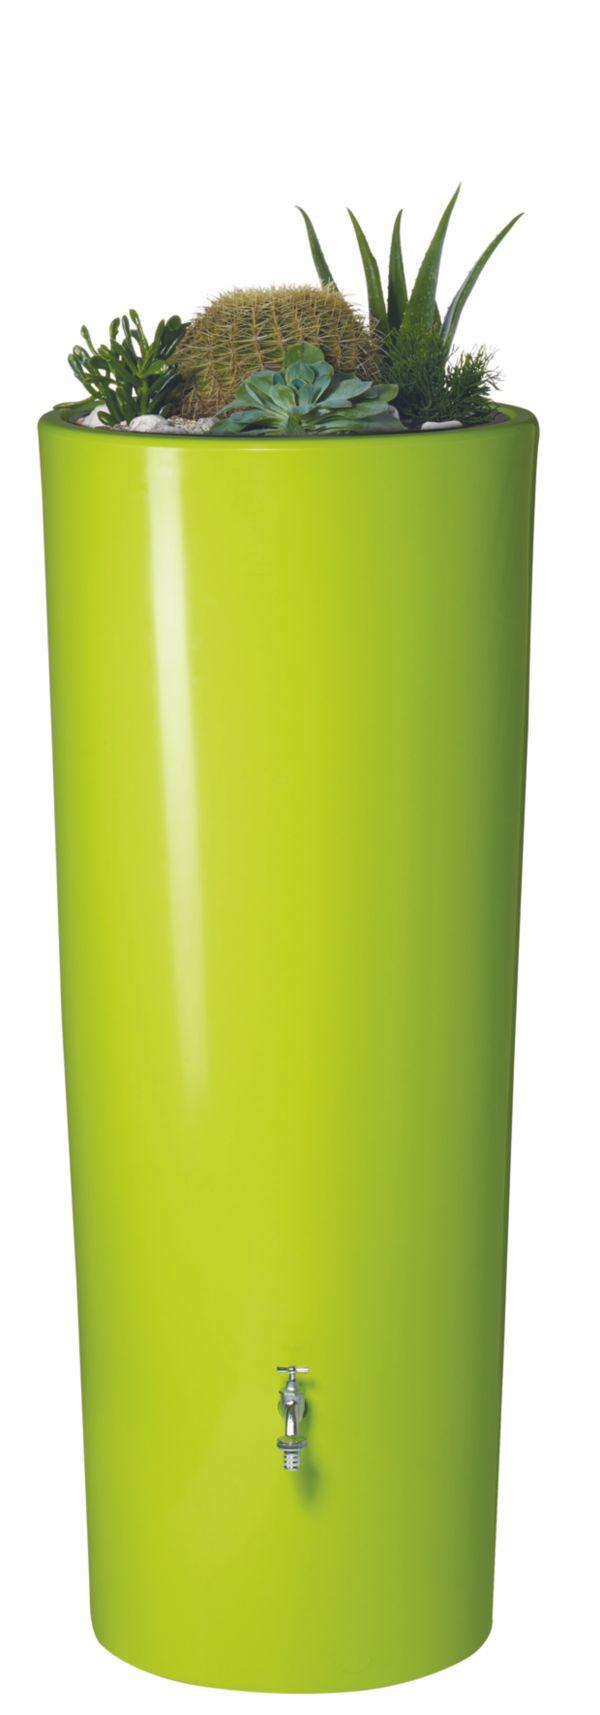 garantia color 2in1 design regenspeicher regentonne vers farben 350 liter ebay. Black Bedroom Furniture Sets. Home Design Ideas